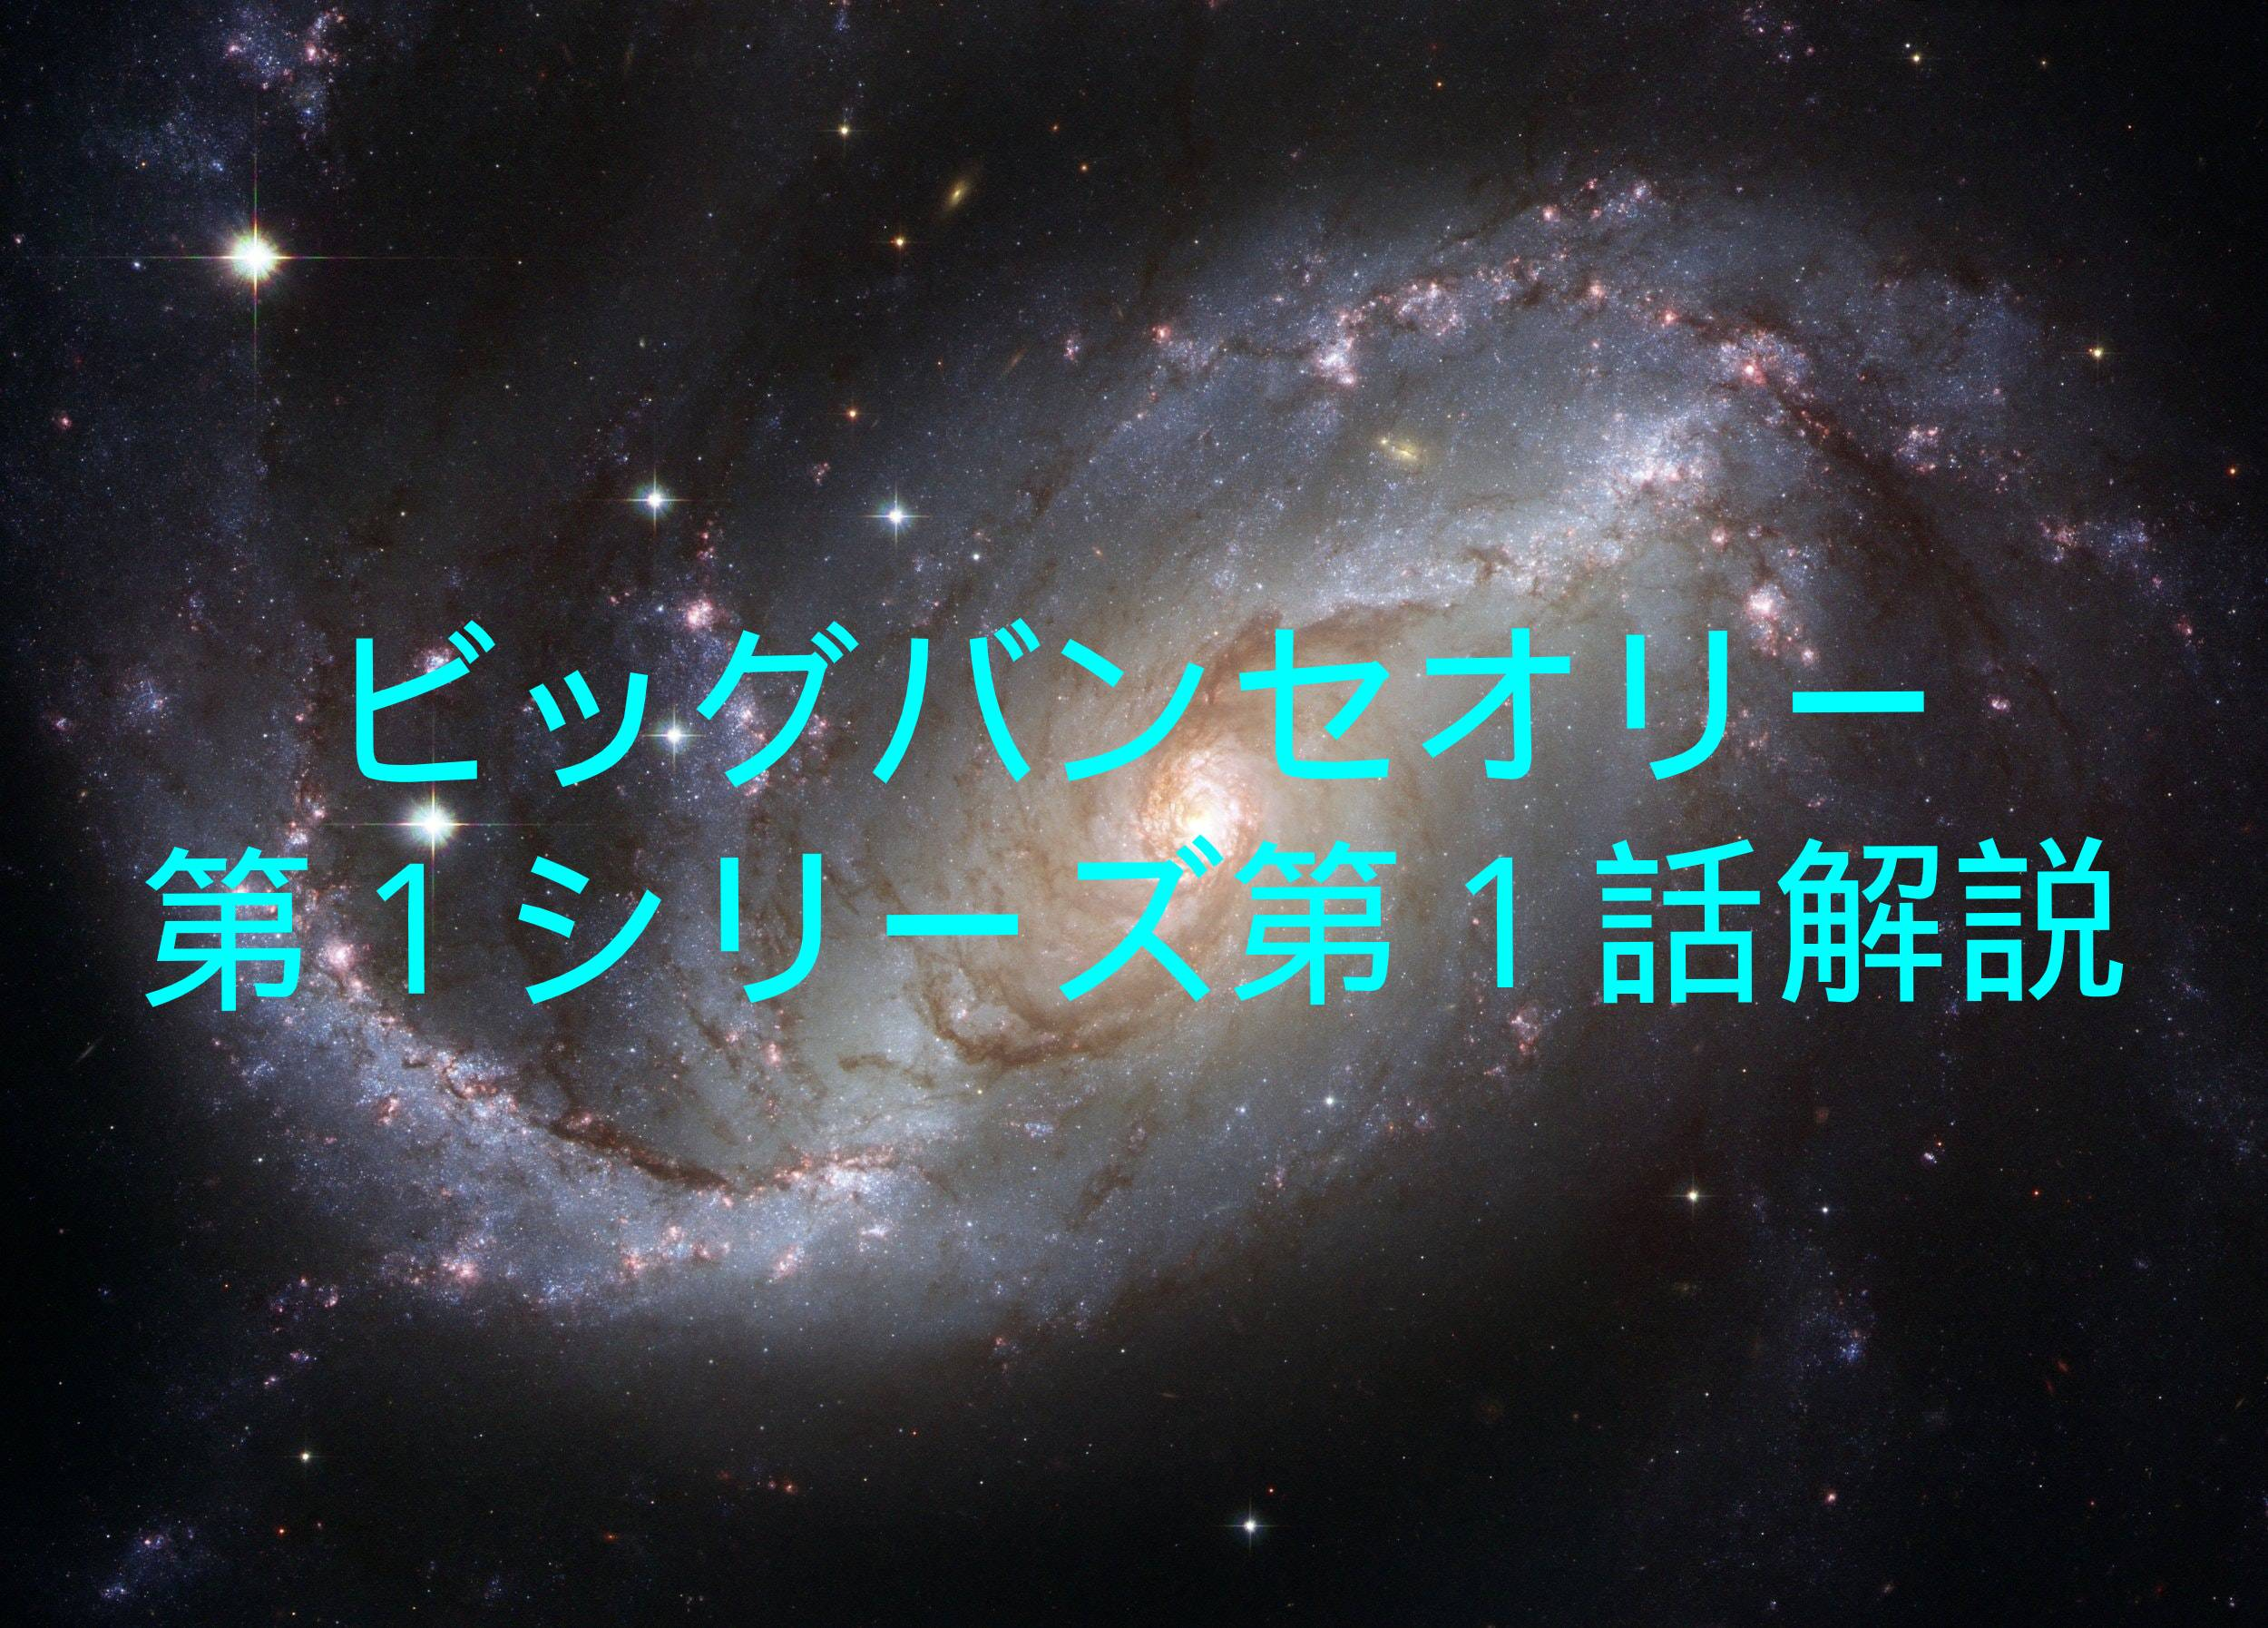 【ビッグバンセオリー】英語でドラマ!TBBTシーズン1第1話を解説!